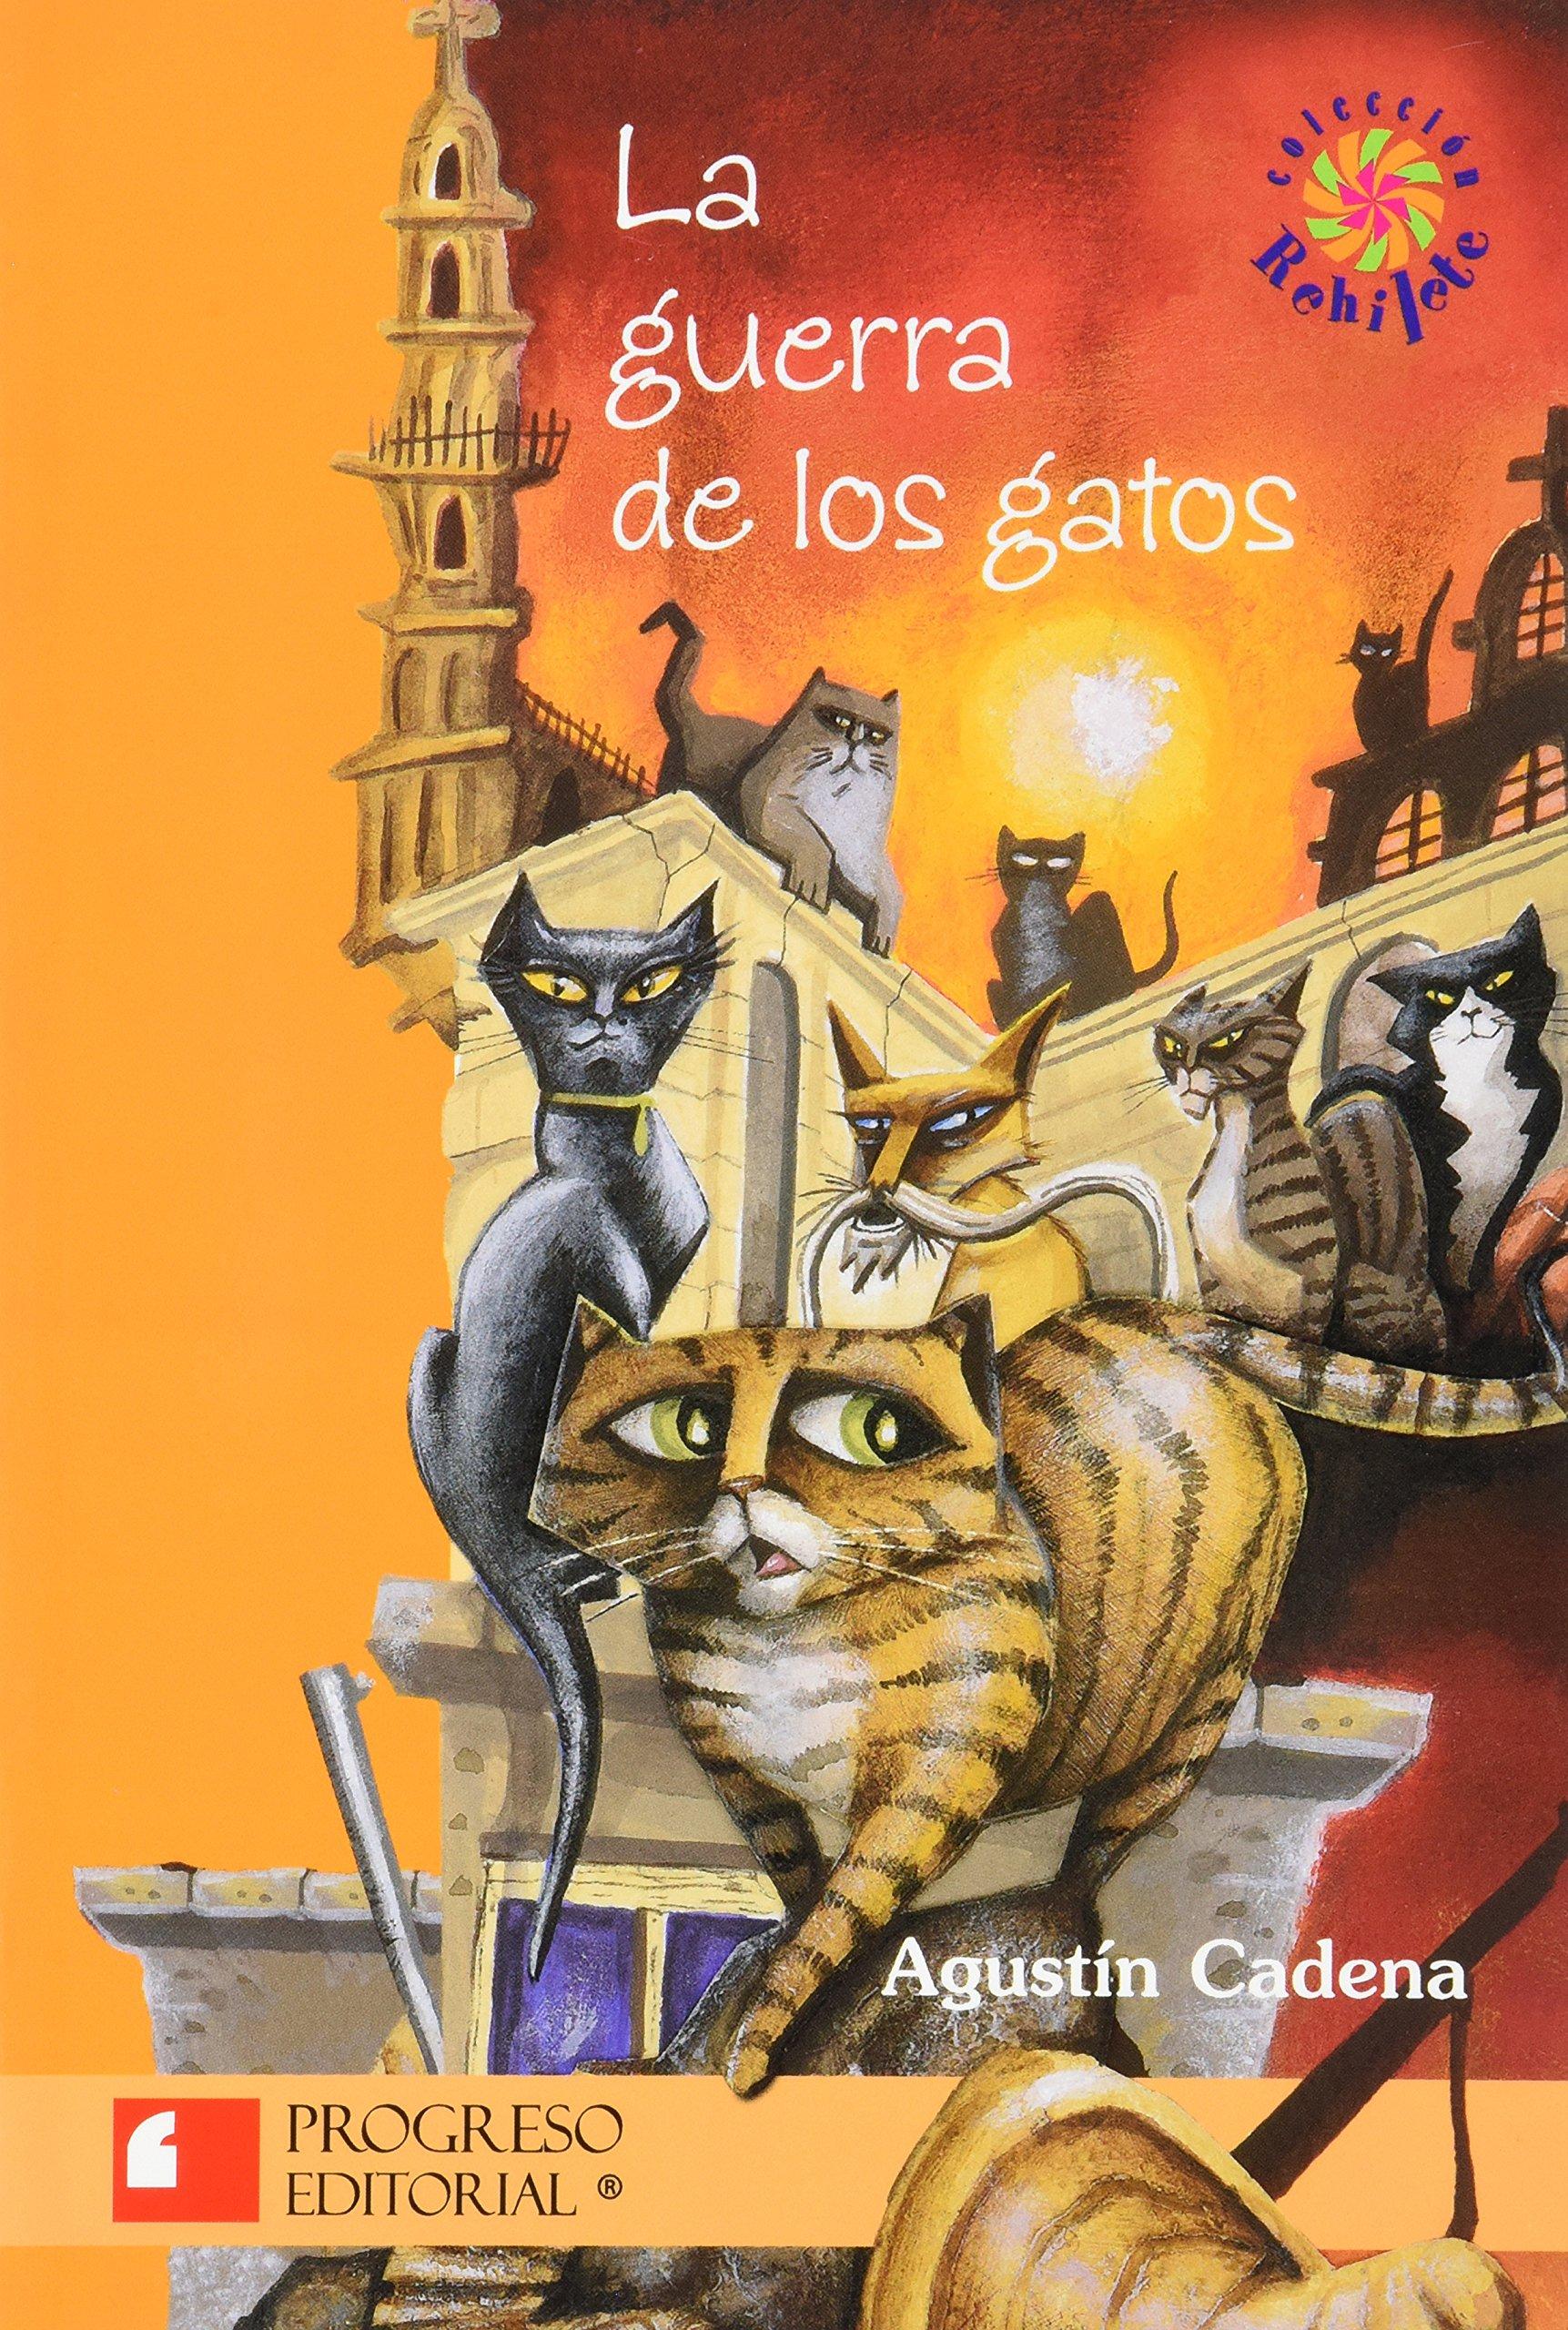 La Guerra De Los Gatos/The War Of The Cats: Amazon.es: Agustin Cadena: Libros